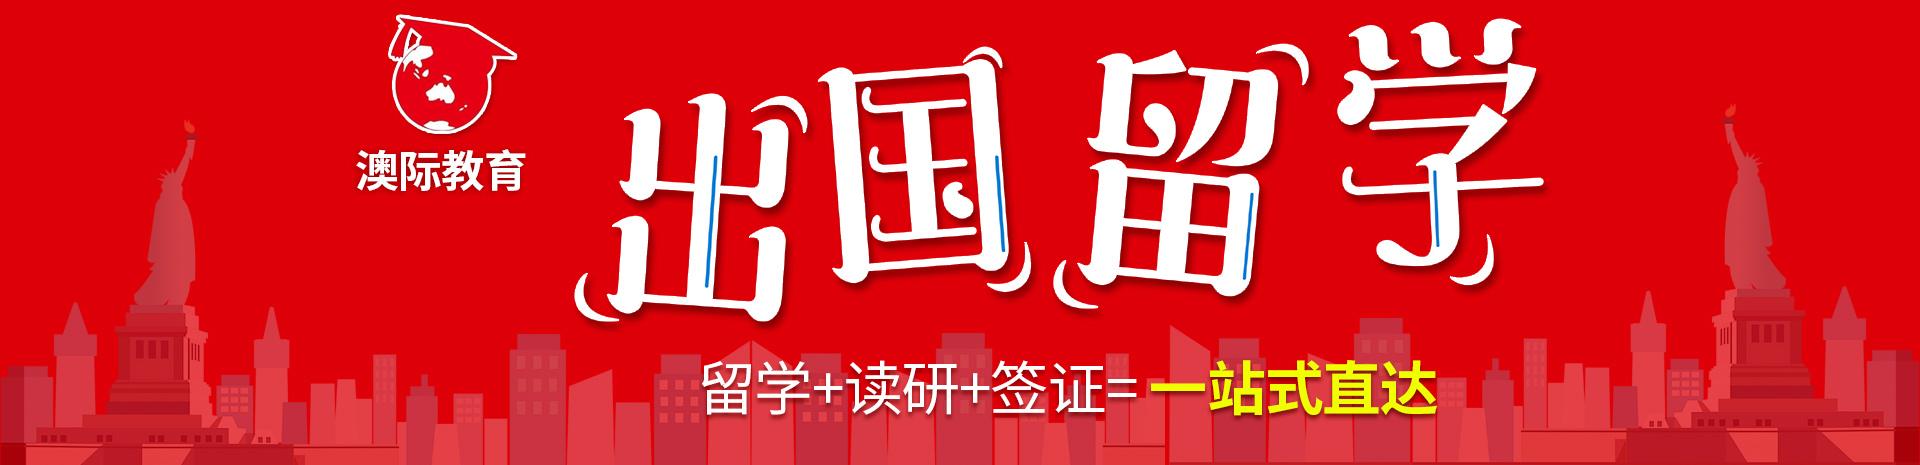 深圳澳际教育